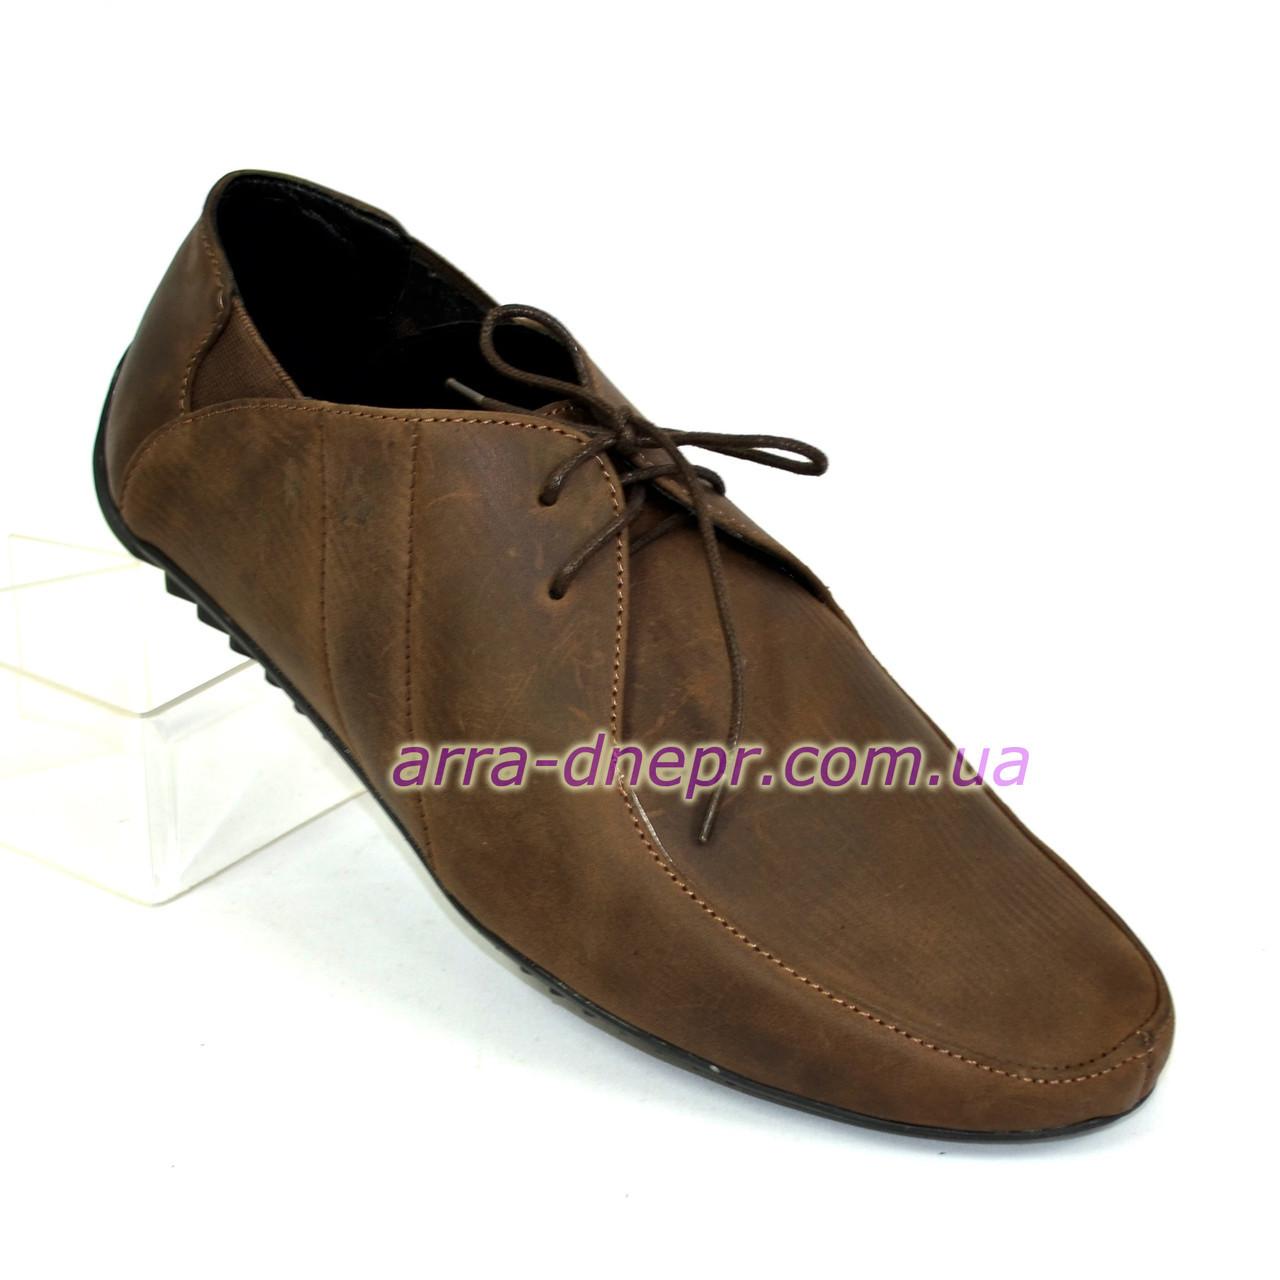 Туфли кожаные мужские на шнуровке, цвет коричневый